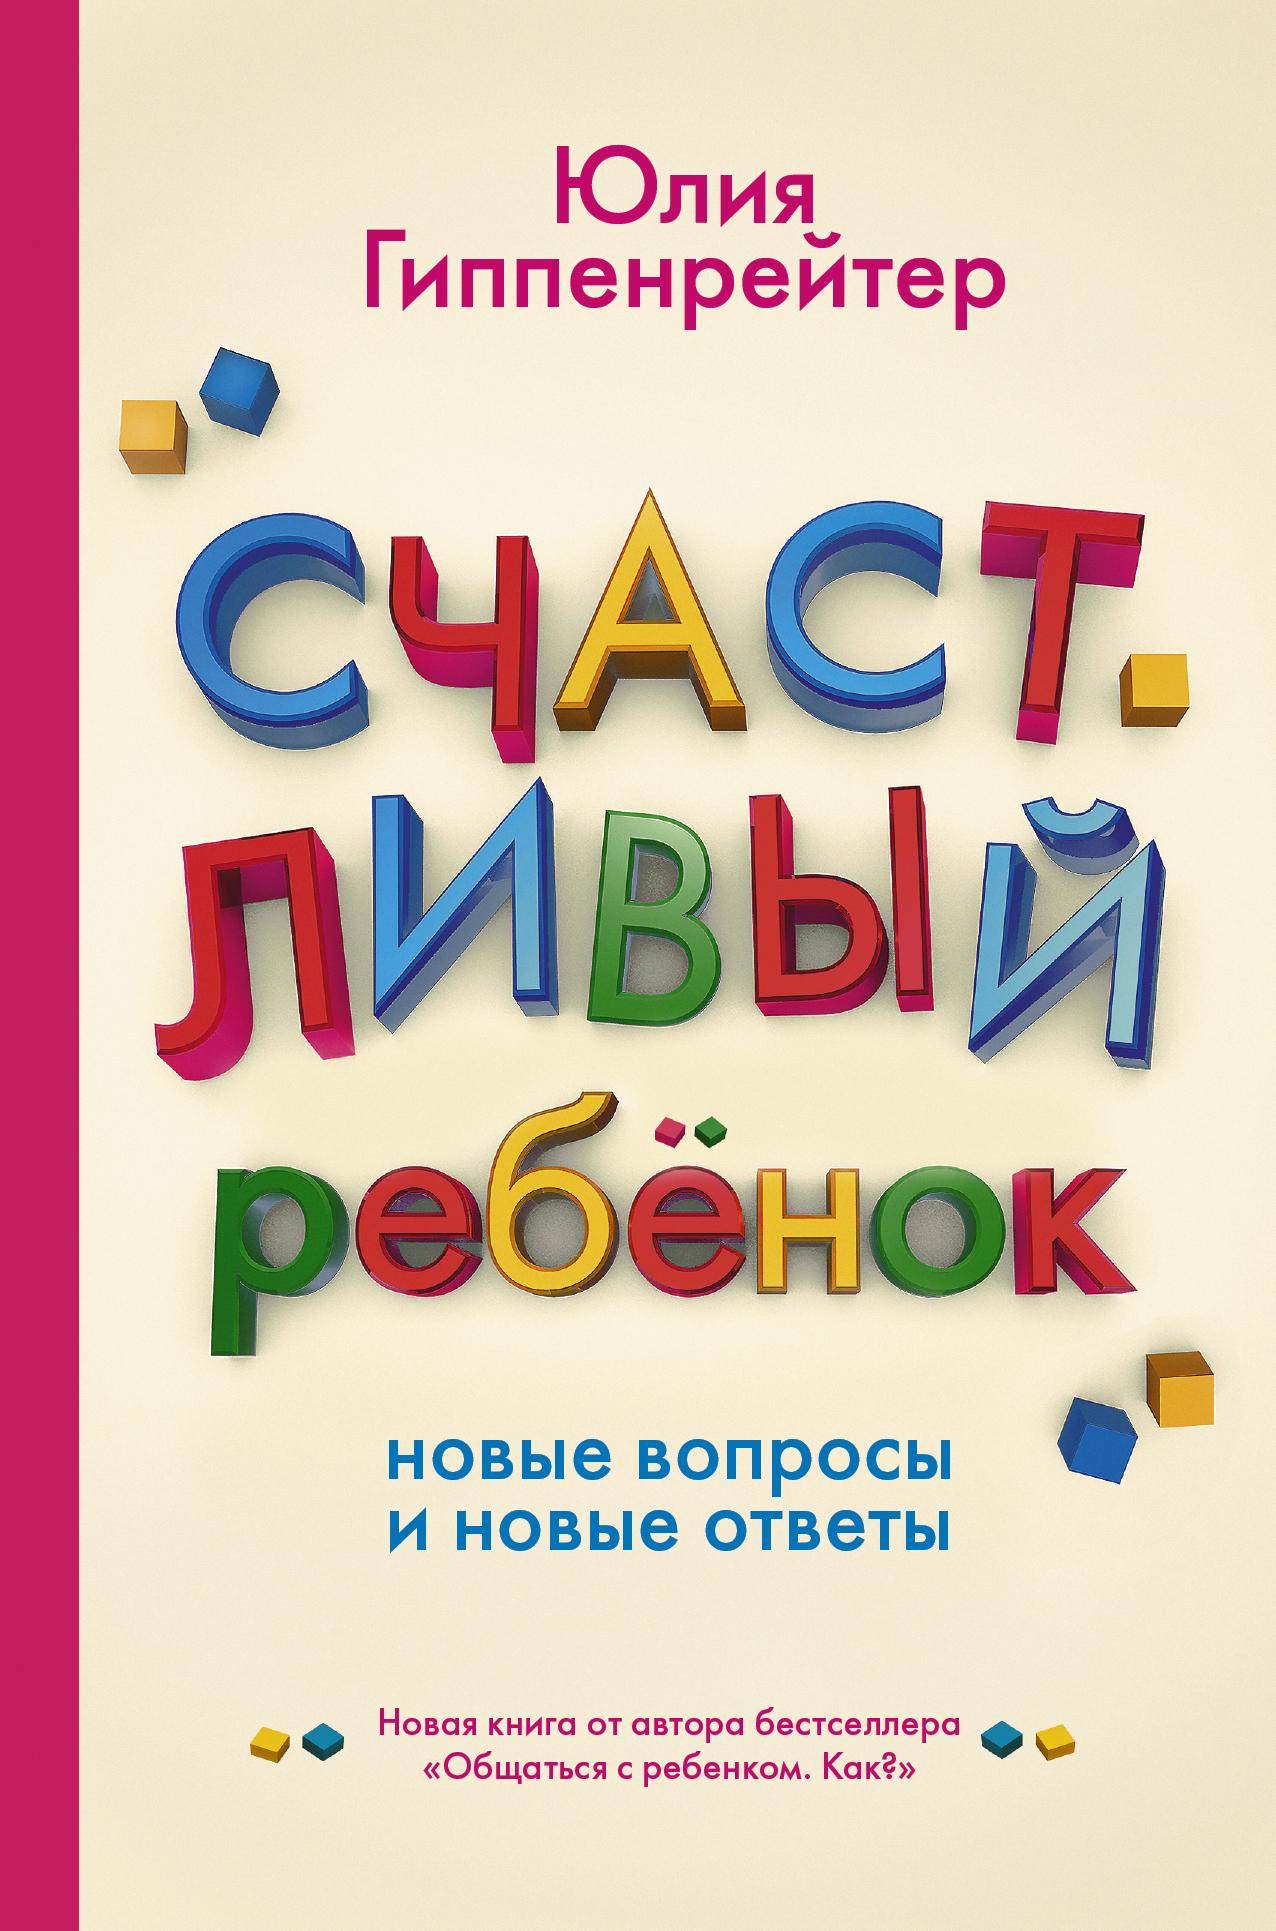 Гиппенрейтер Ю.Б. Счастливый ребенок: новые вопросы и новые ответы гиппенрейтер ю б счастливый ребенок новые вопросы и новые ответы